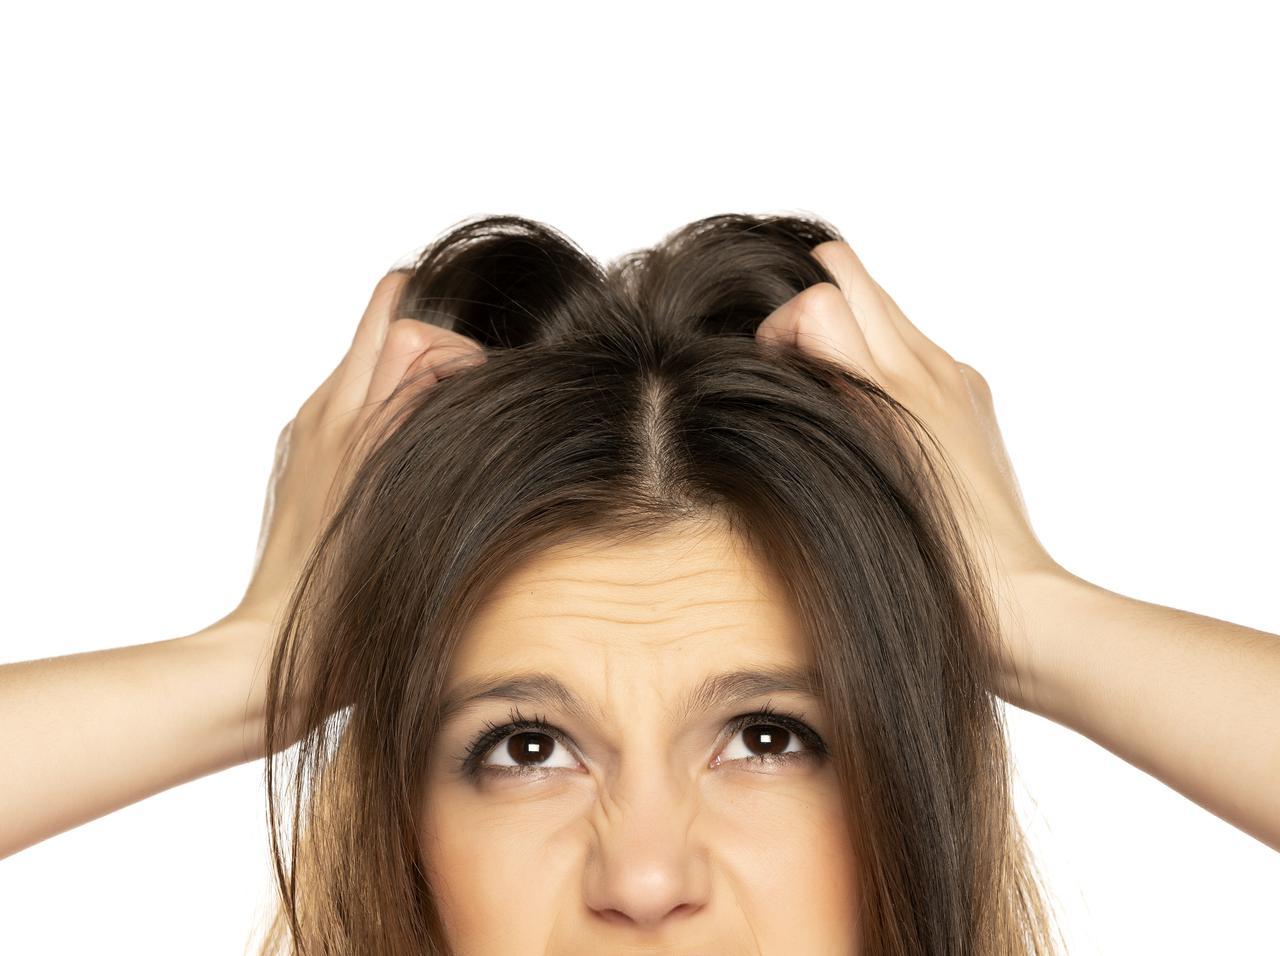 画像1: 切れ毛・抜け毛:タンパク質不足